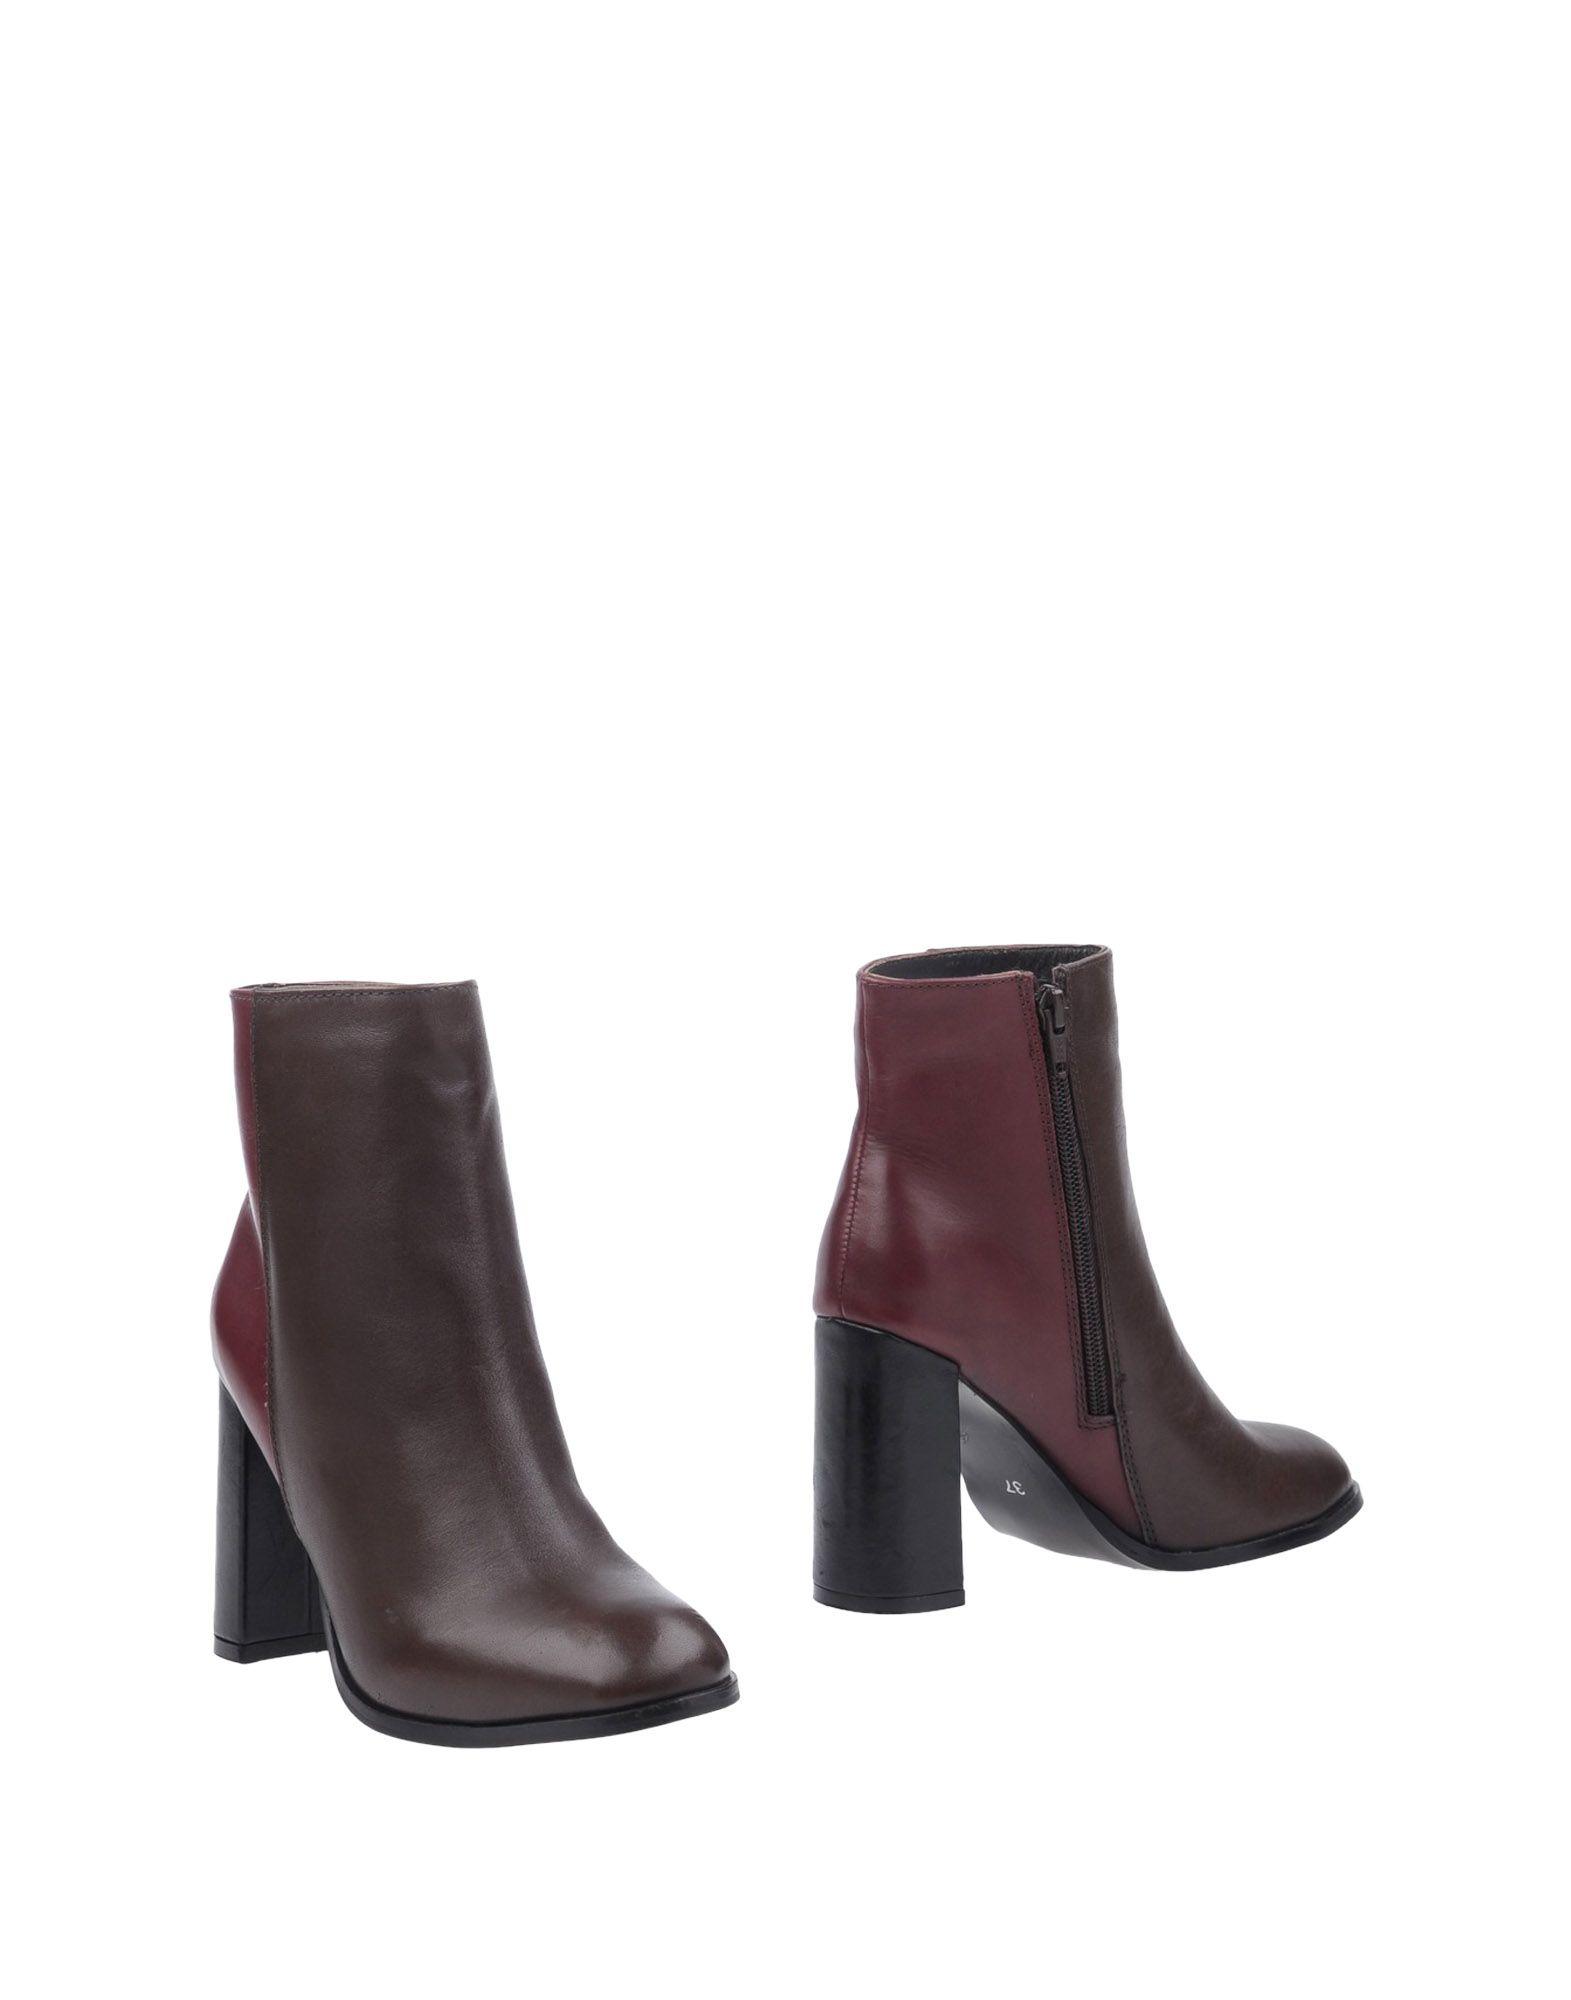 STEFANEL Полусапоги и высокие ботинки джемпер stefanel jl660d f1295 888